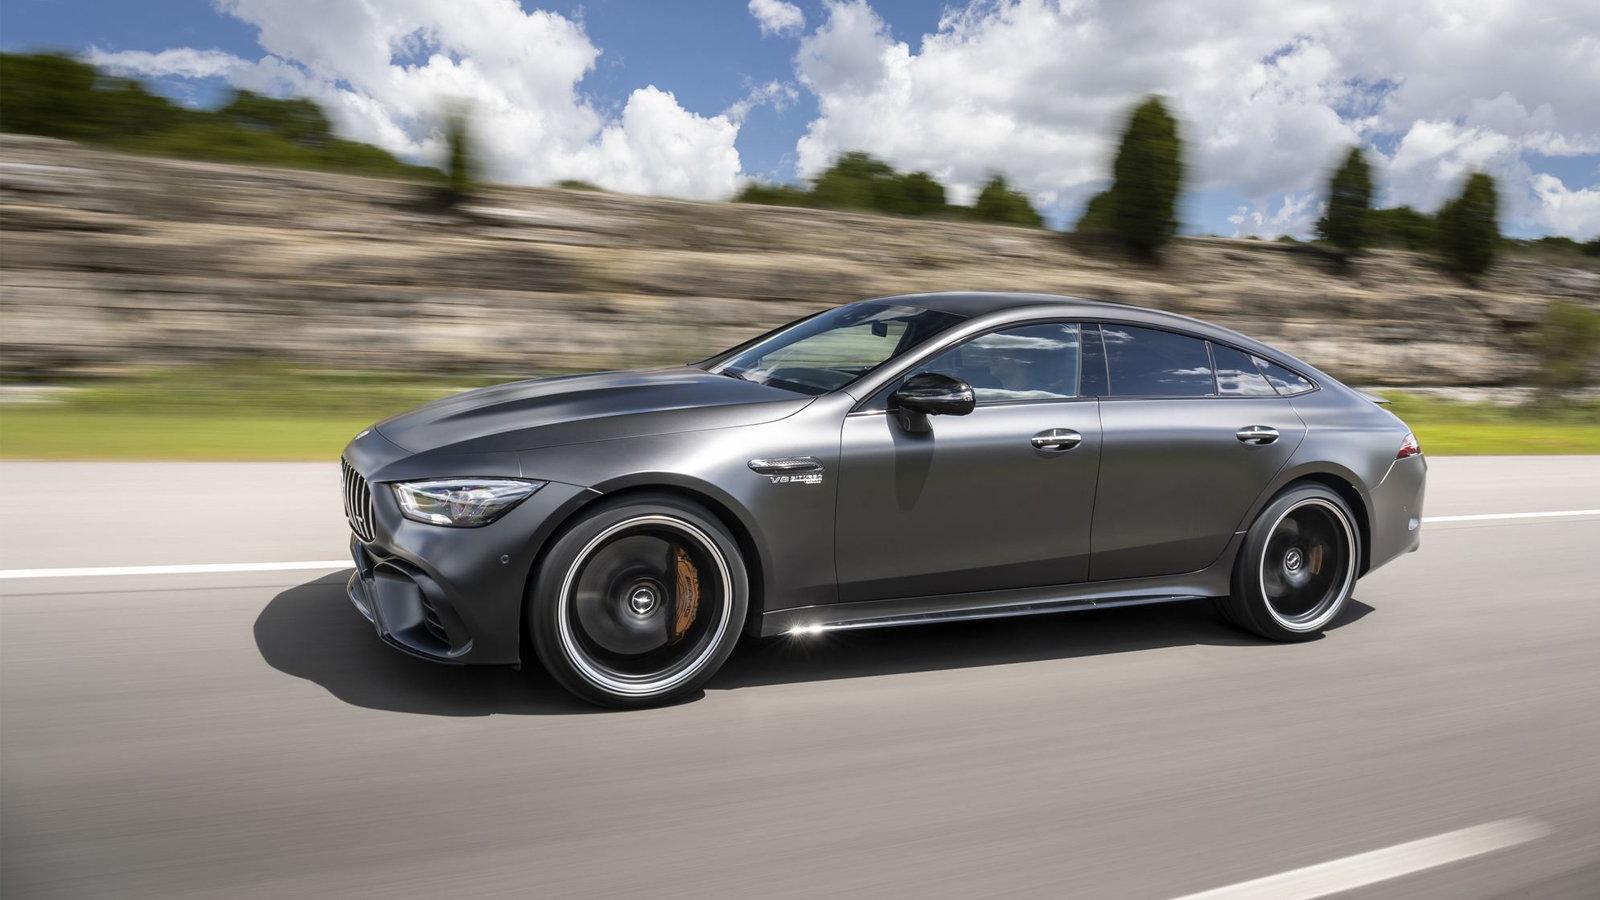 Mercedes-AMG GT 63 S | Mbworld